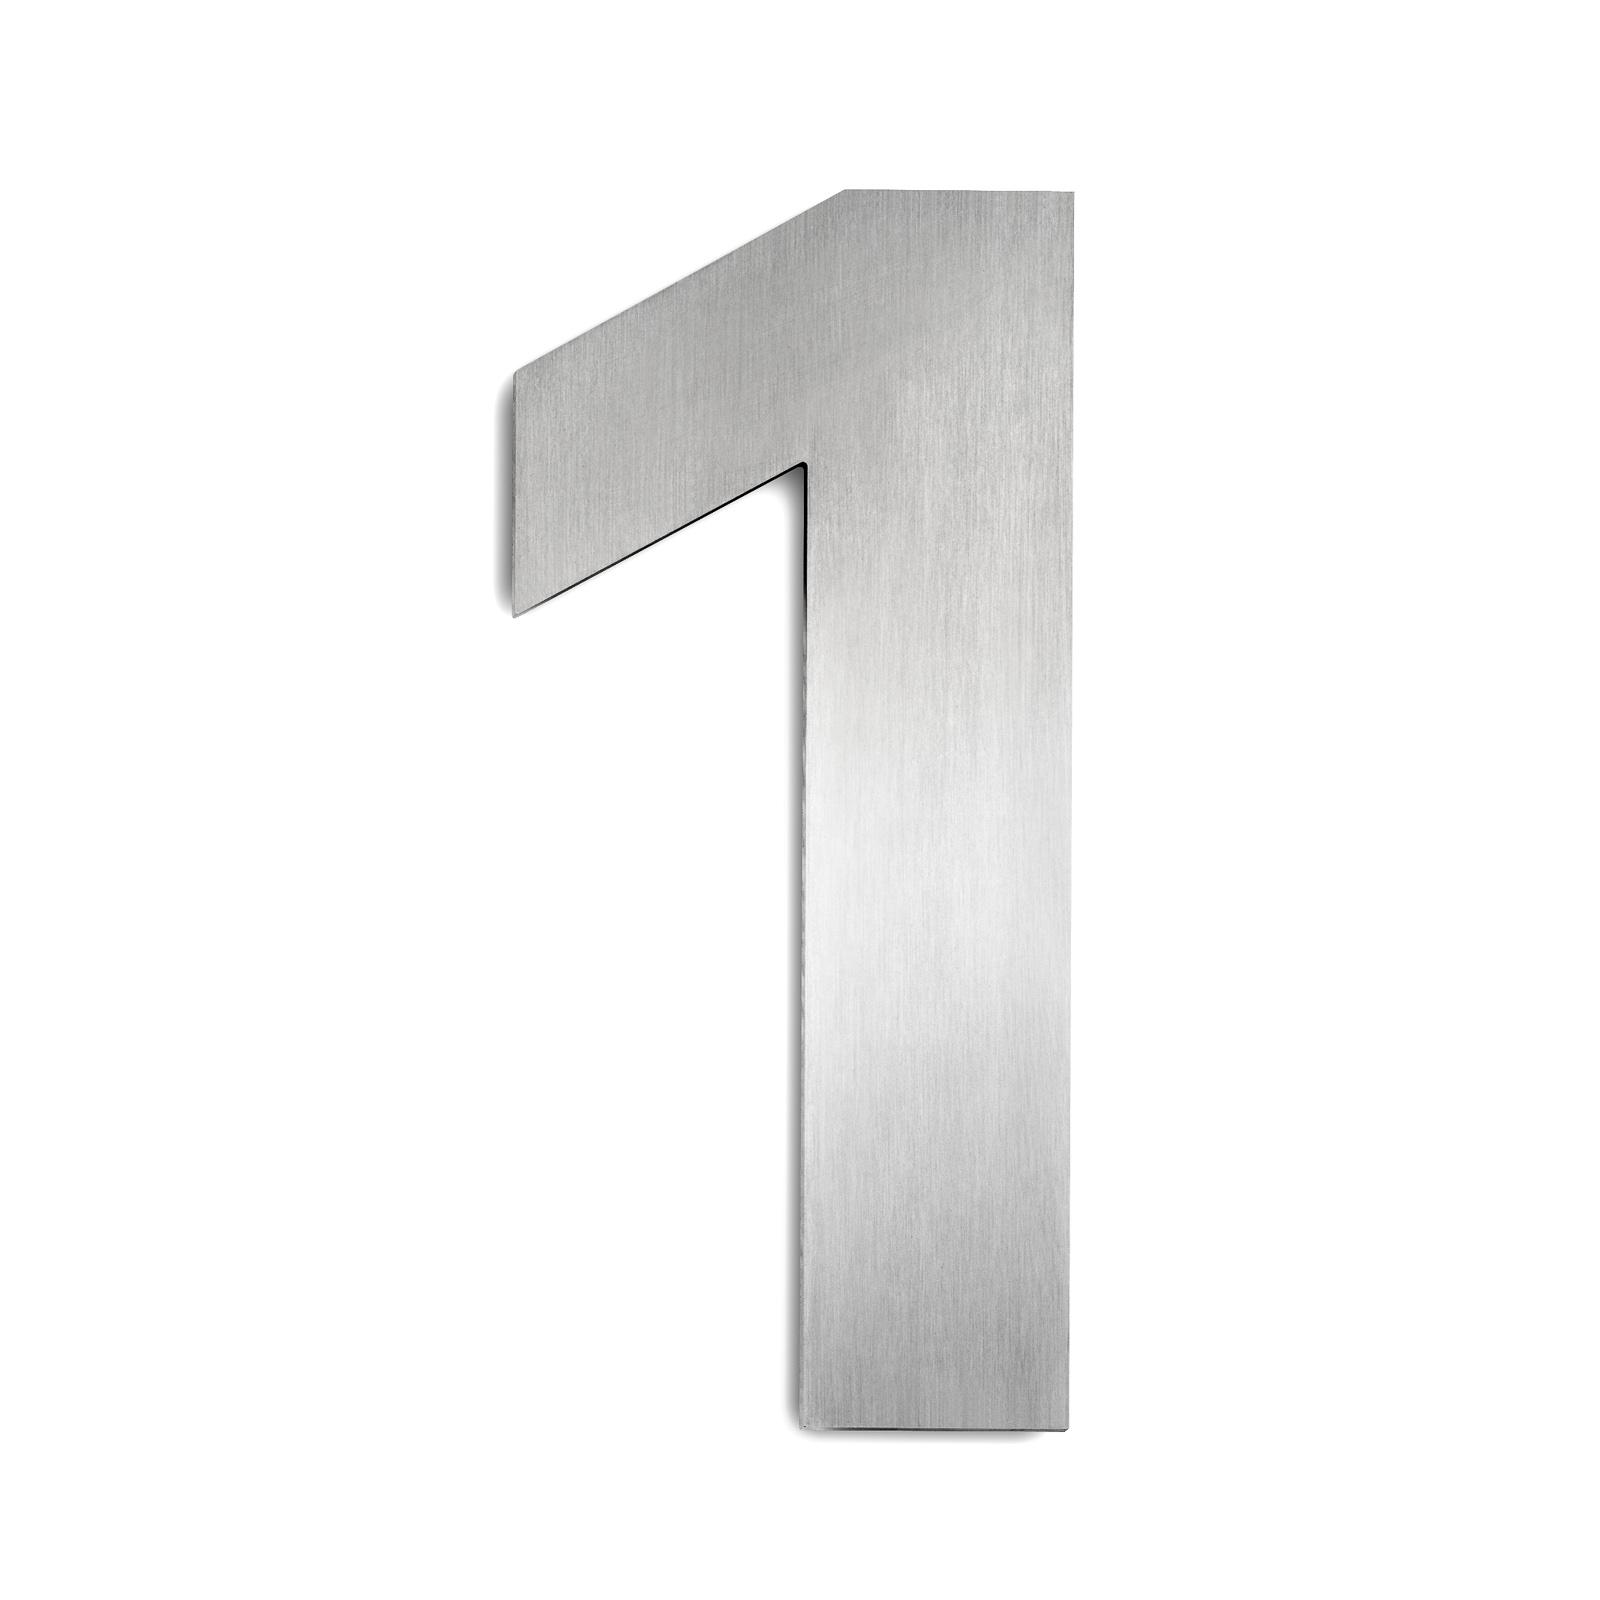 Numer domu stal szlachetna duży 1